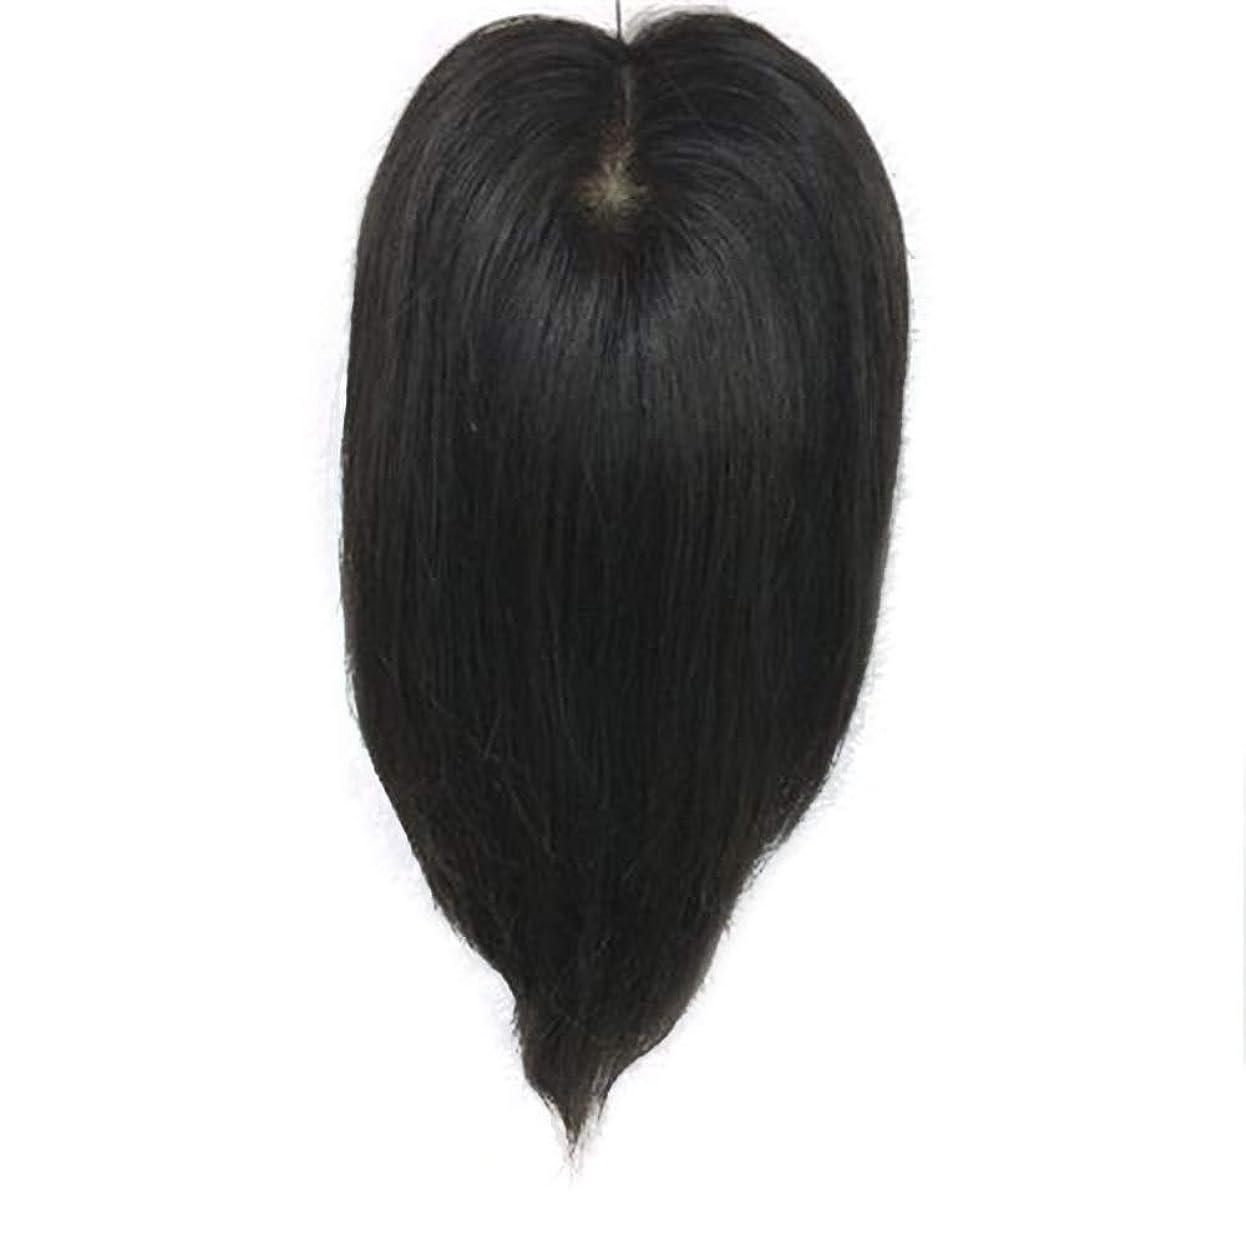 蒸留従順な酔っ払いBOBIDYEE 女性の手織りニットウィッグロングストレートヘアクリップリアルヘアエクステンションカバー白髪ロールプレイングウィッグキャップ (色 : Natural black, サイズ : 30cm)